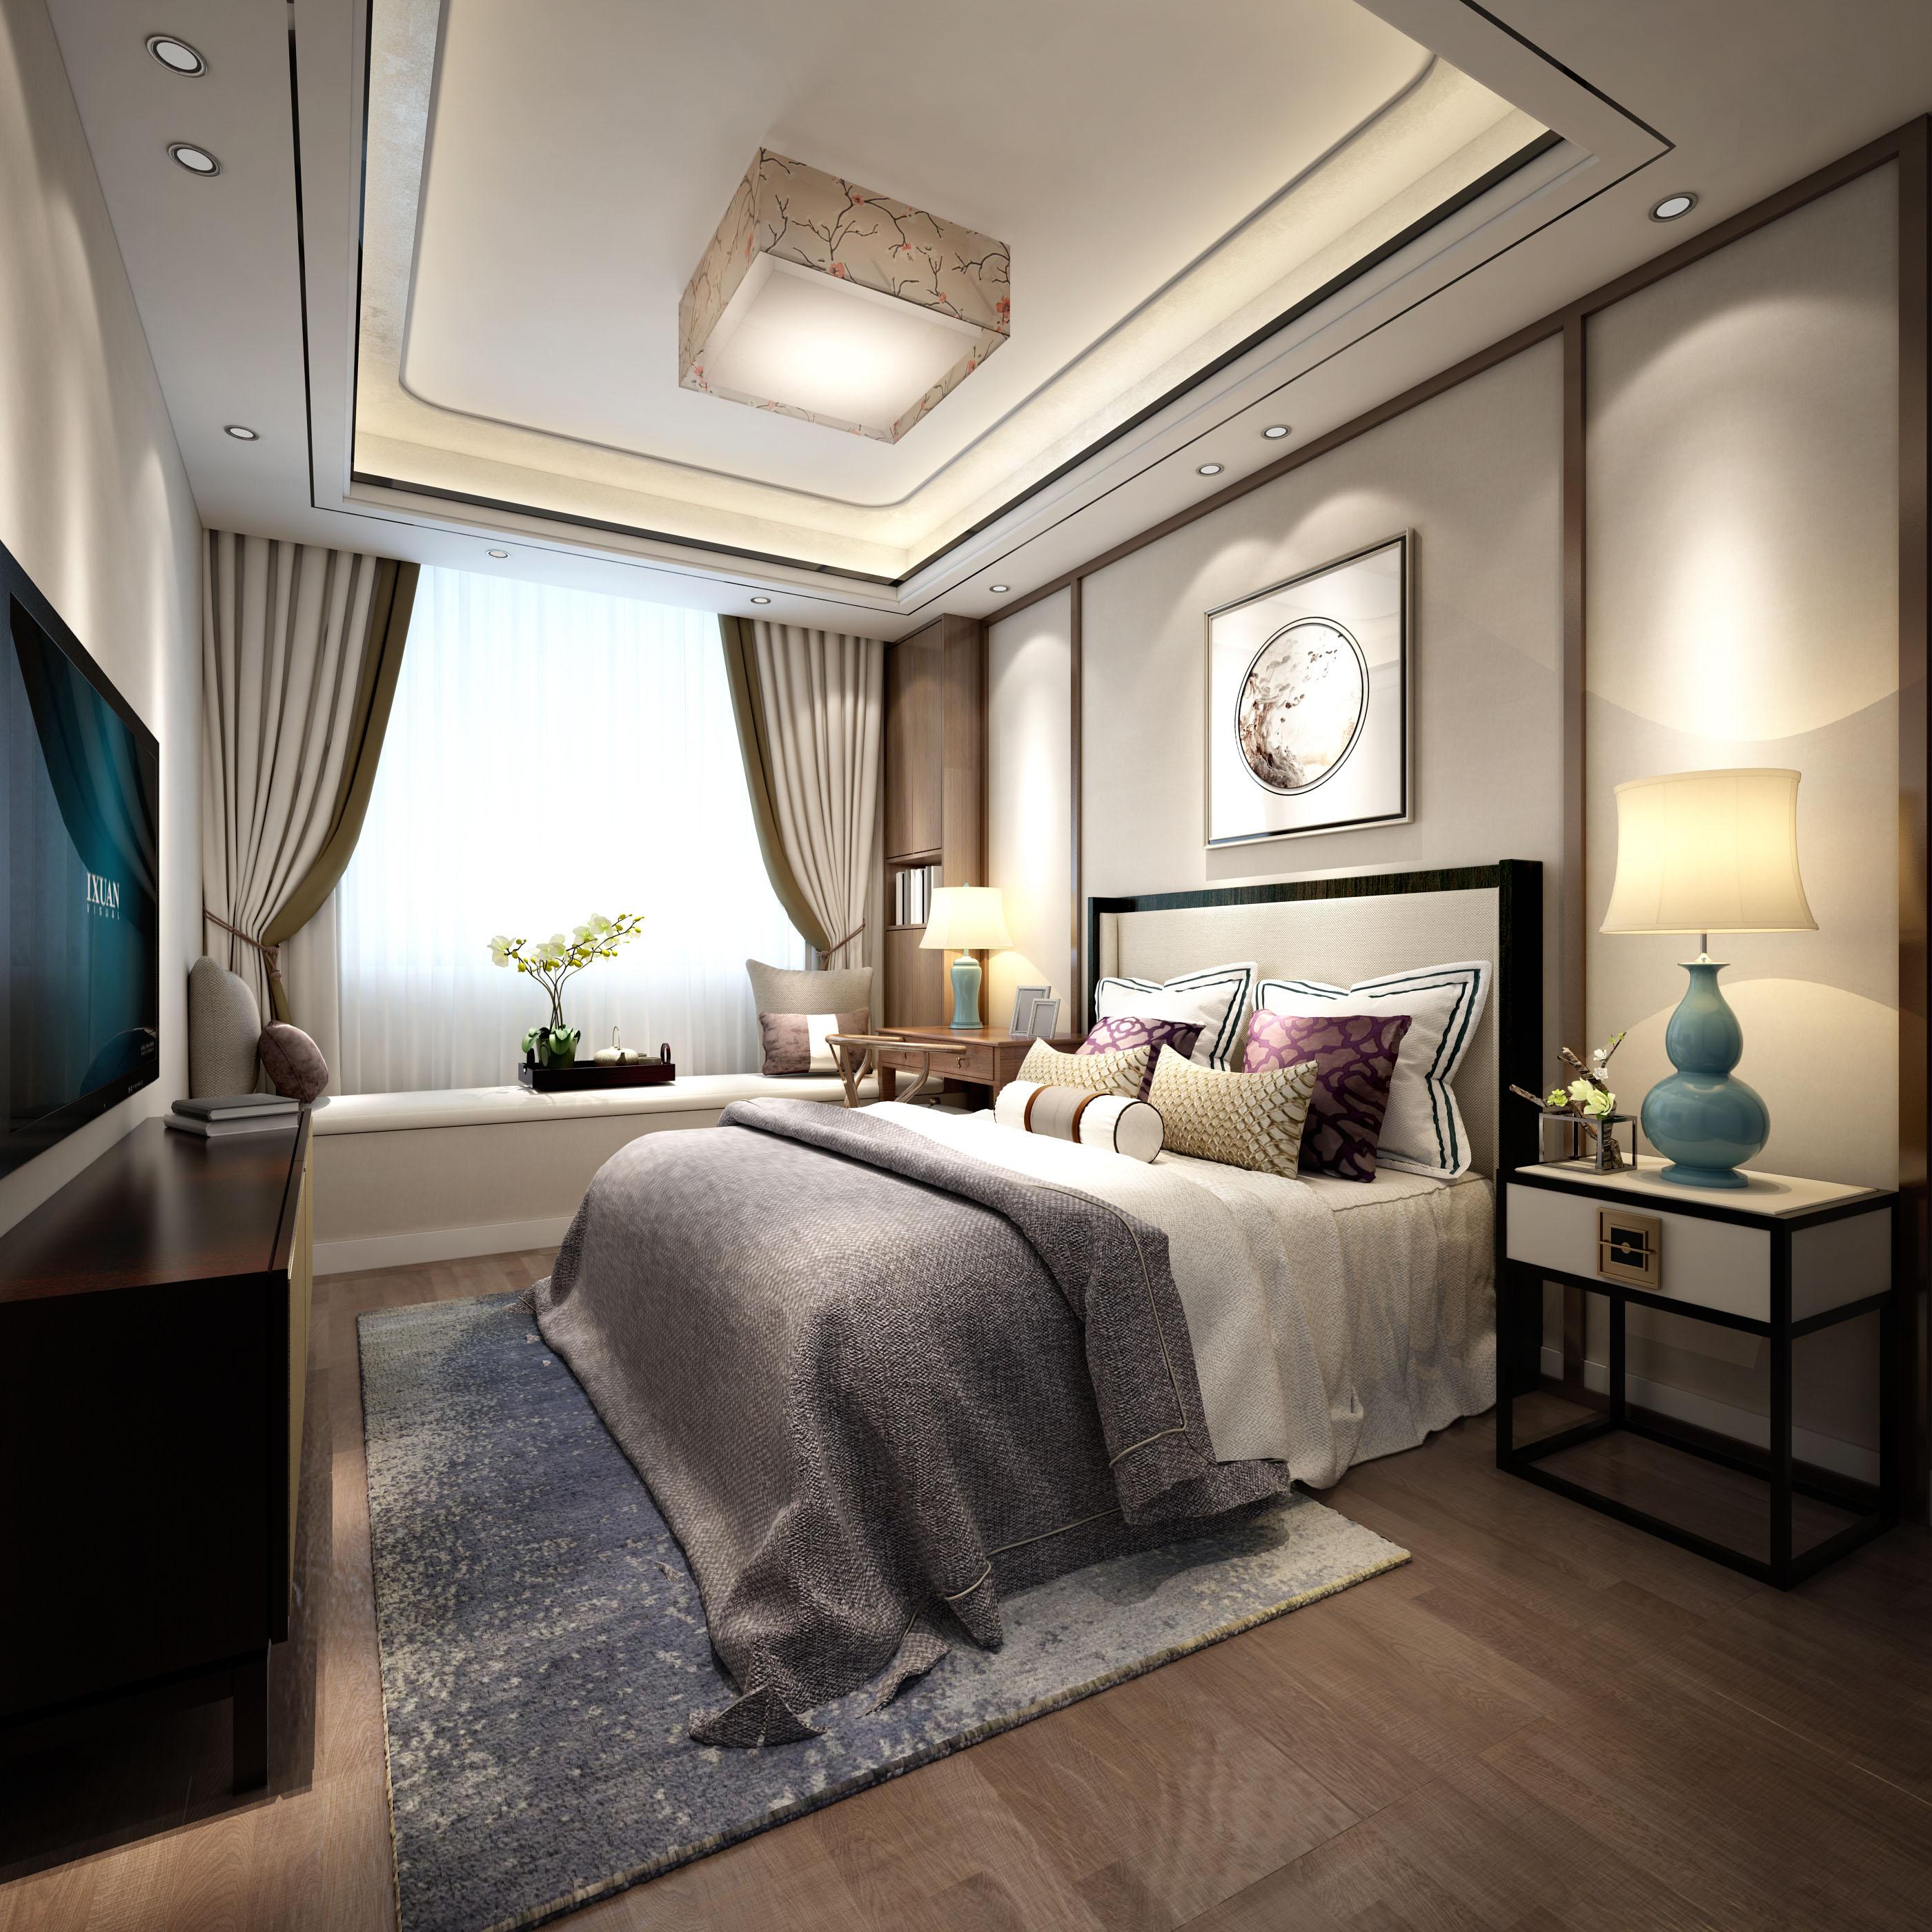 本家设计老人房卧室装修设计图片